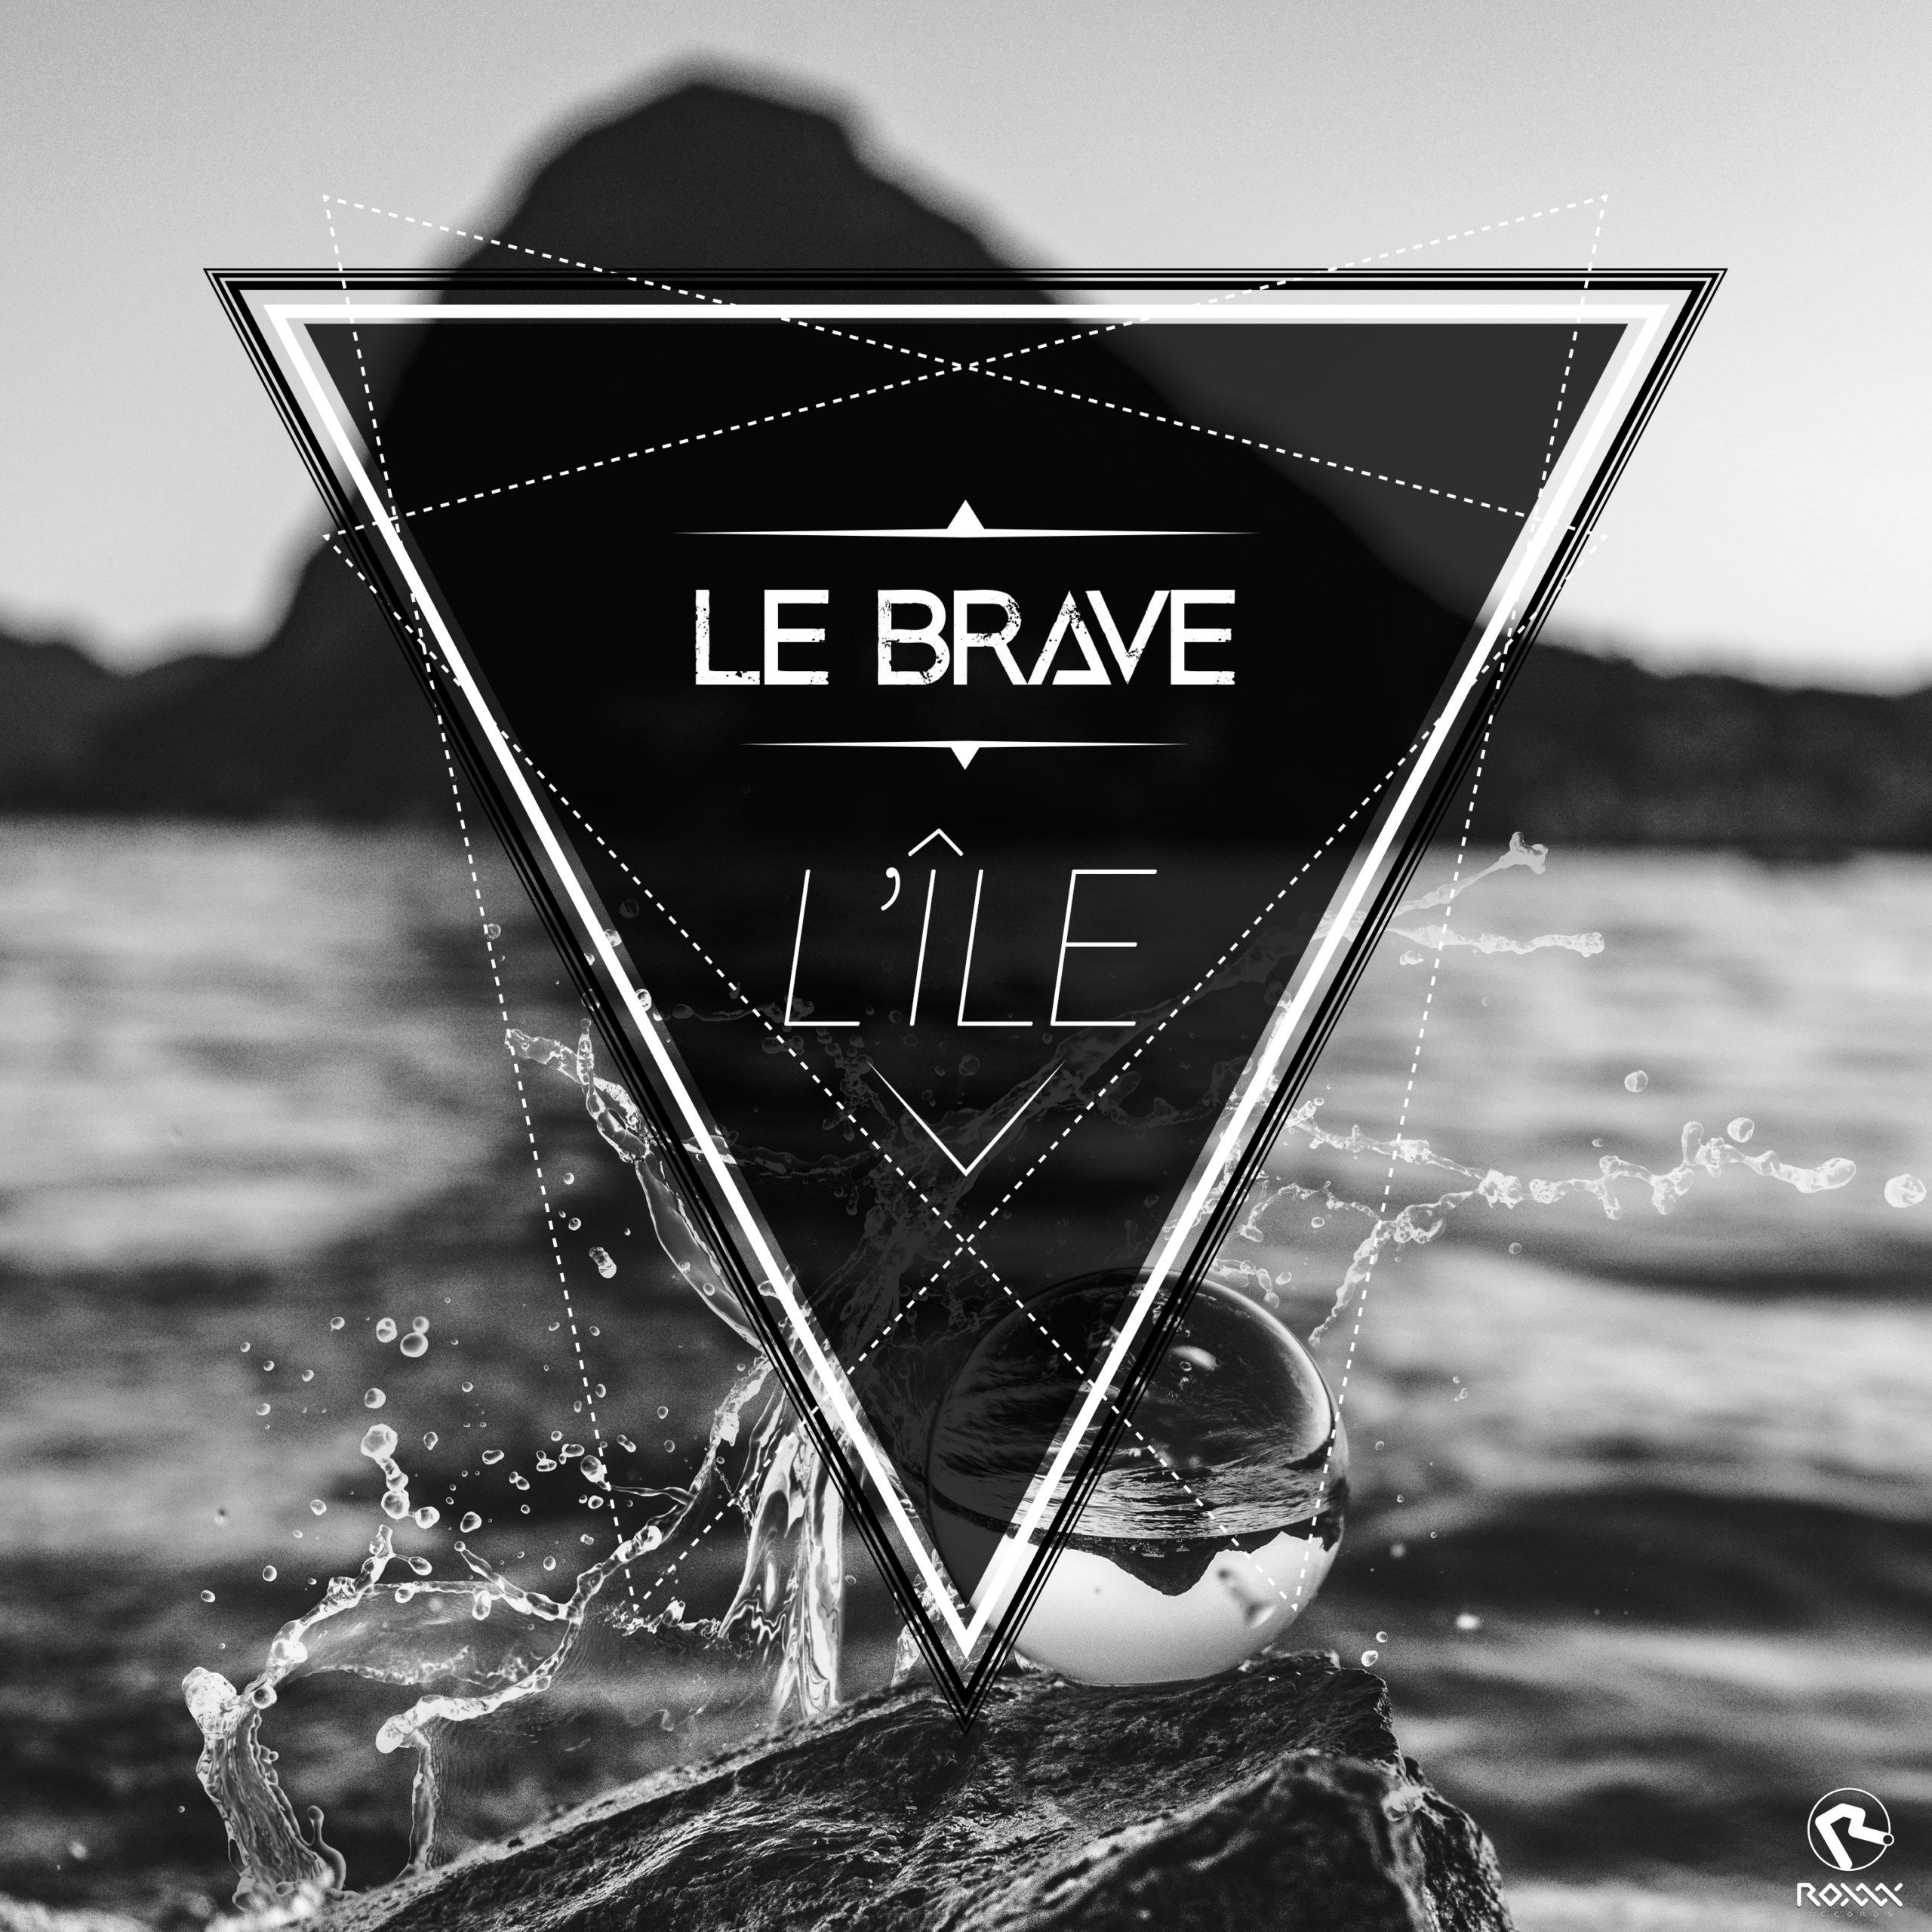 L'Île - Le Brave